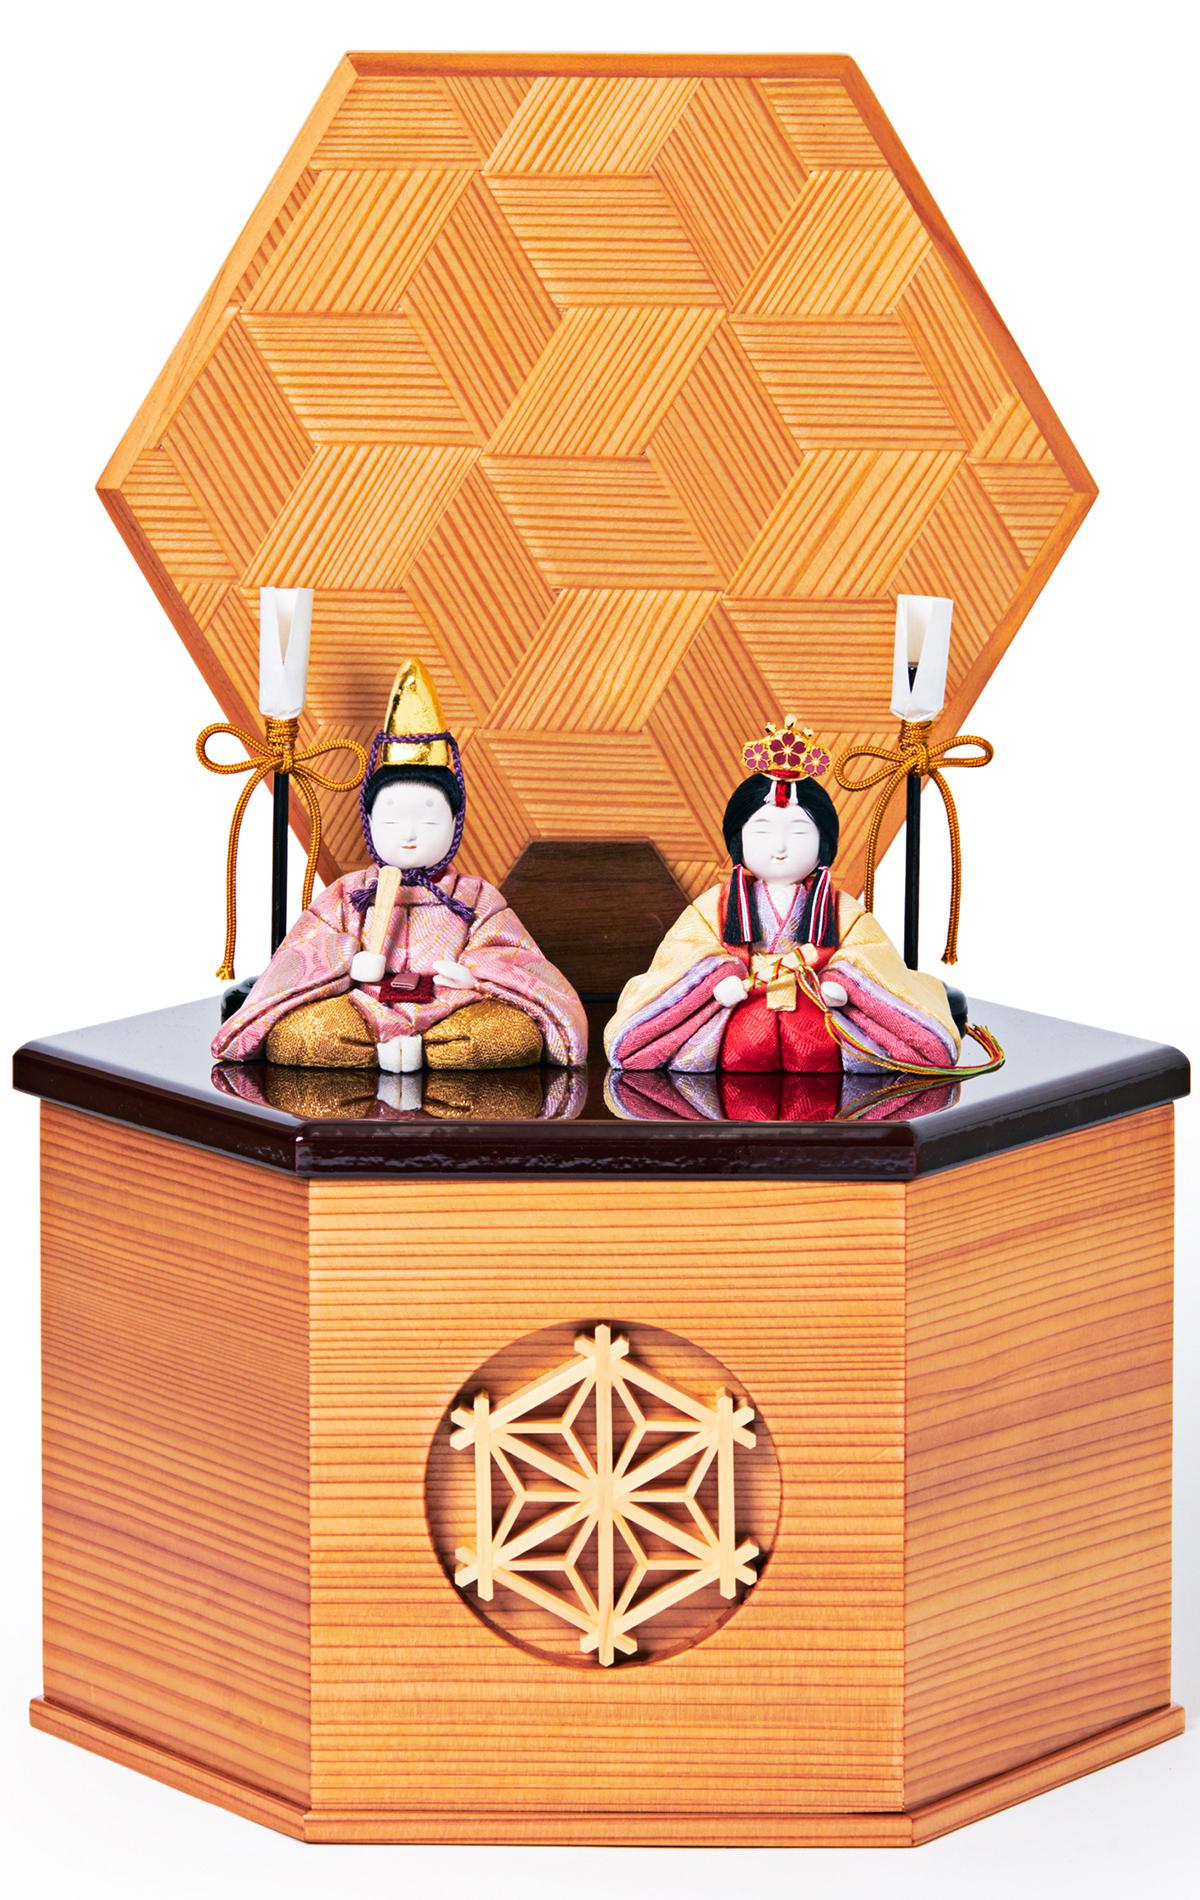 次世代に伝えていきたい最高峰の7つの日本伝統技術が結集|柿沼東光(経済産業大臣認定伝統工芸士)× 大沼 敦(工業デザイナー)によるモダンな雛人形